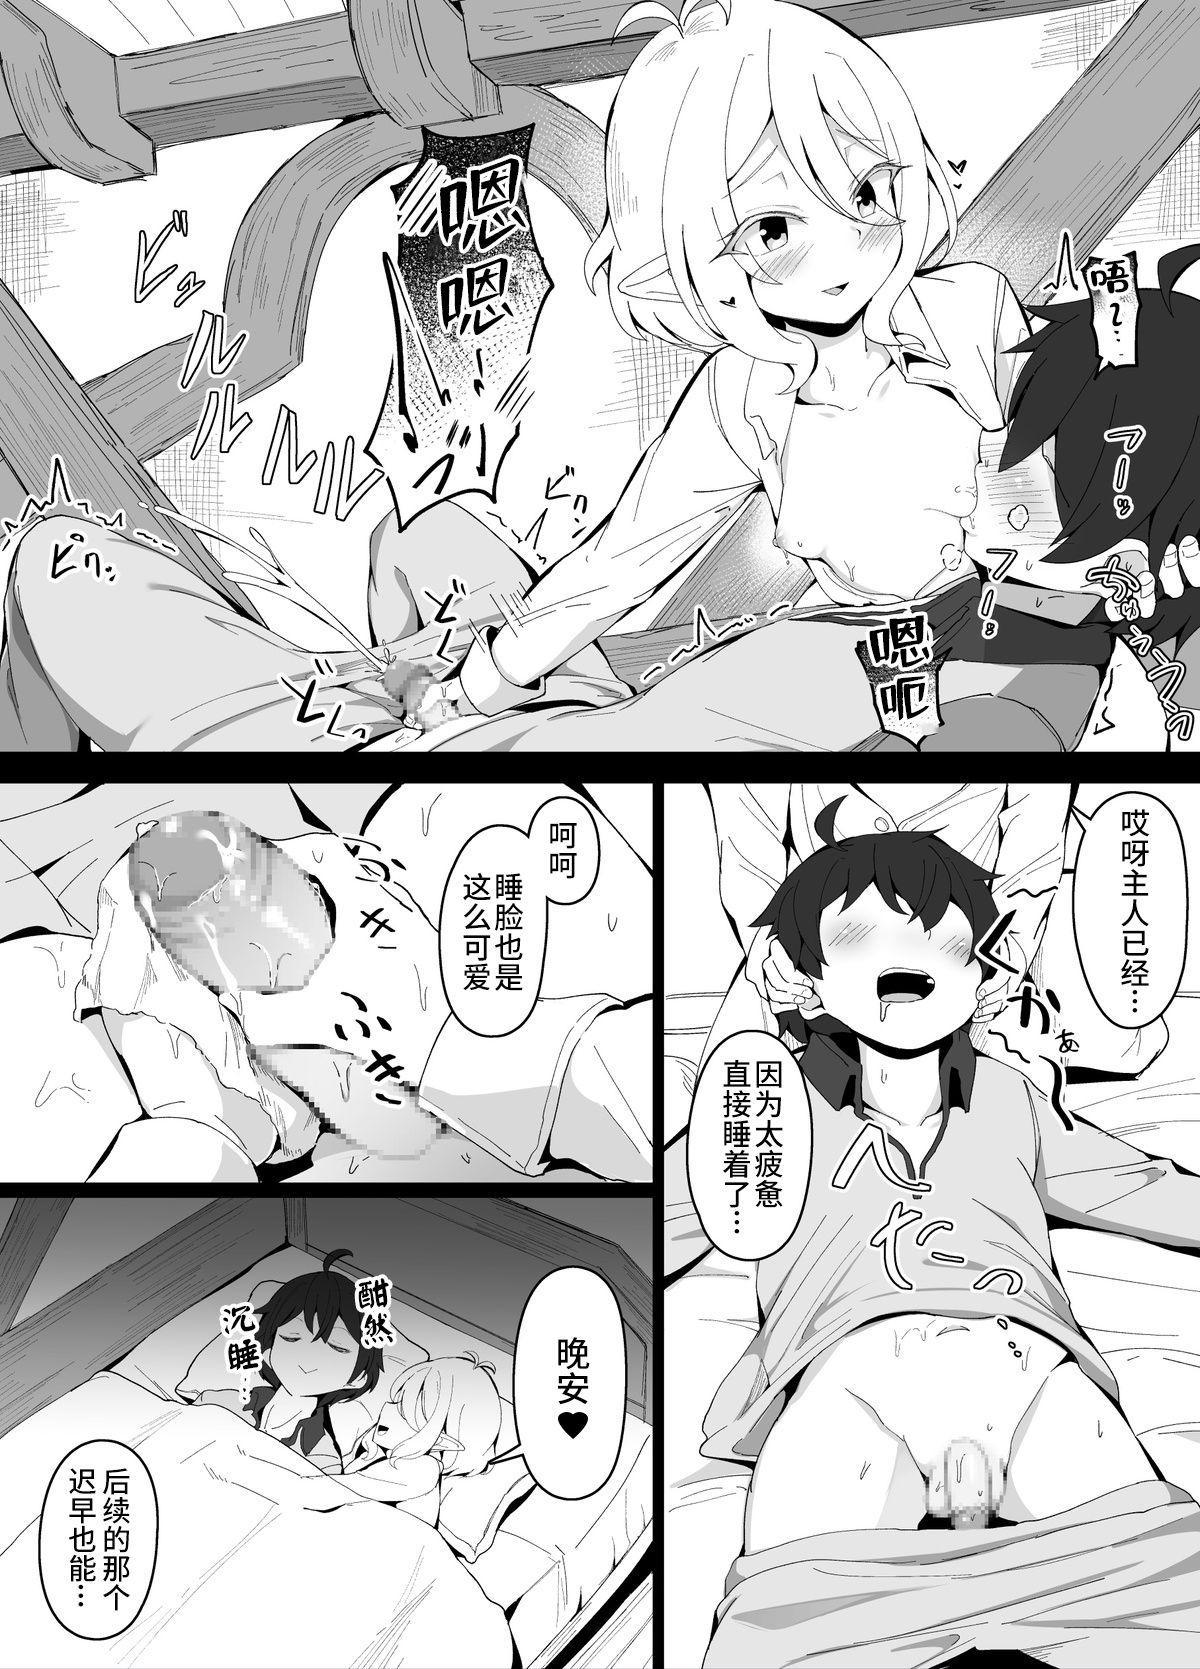 kokkoro mama to no puchiama seikatsu | 和可可萝妈妈的小甜蜜生活 7